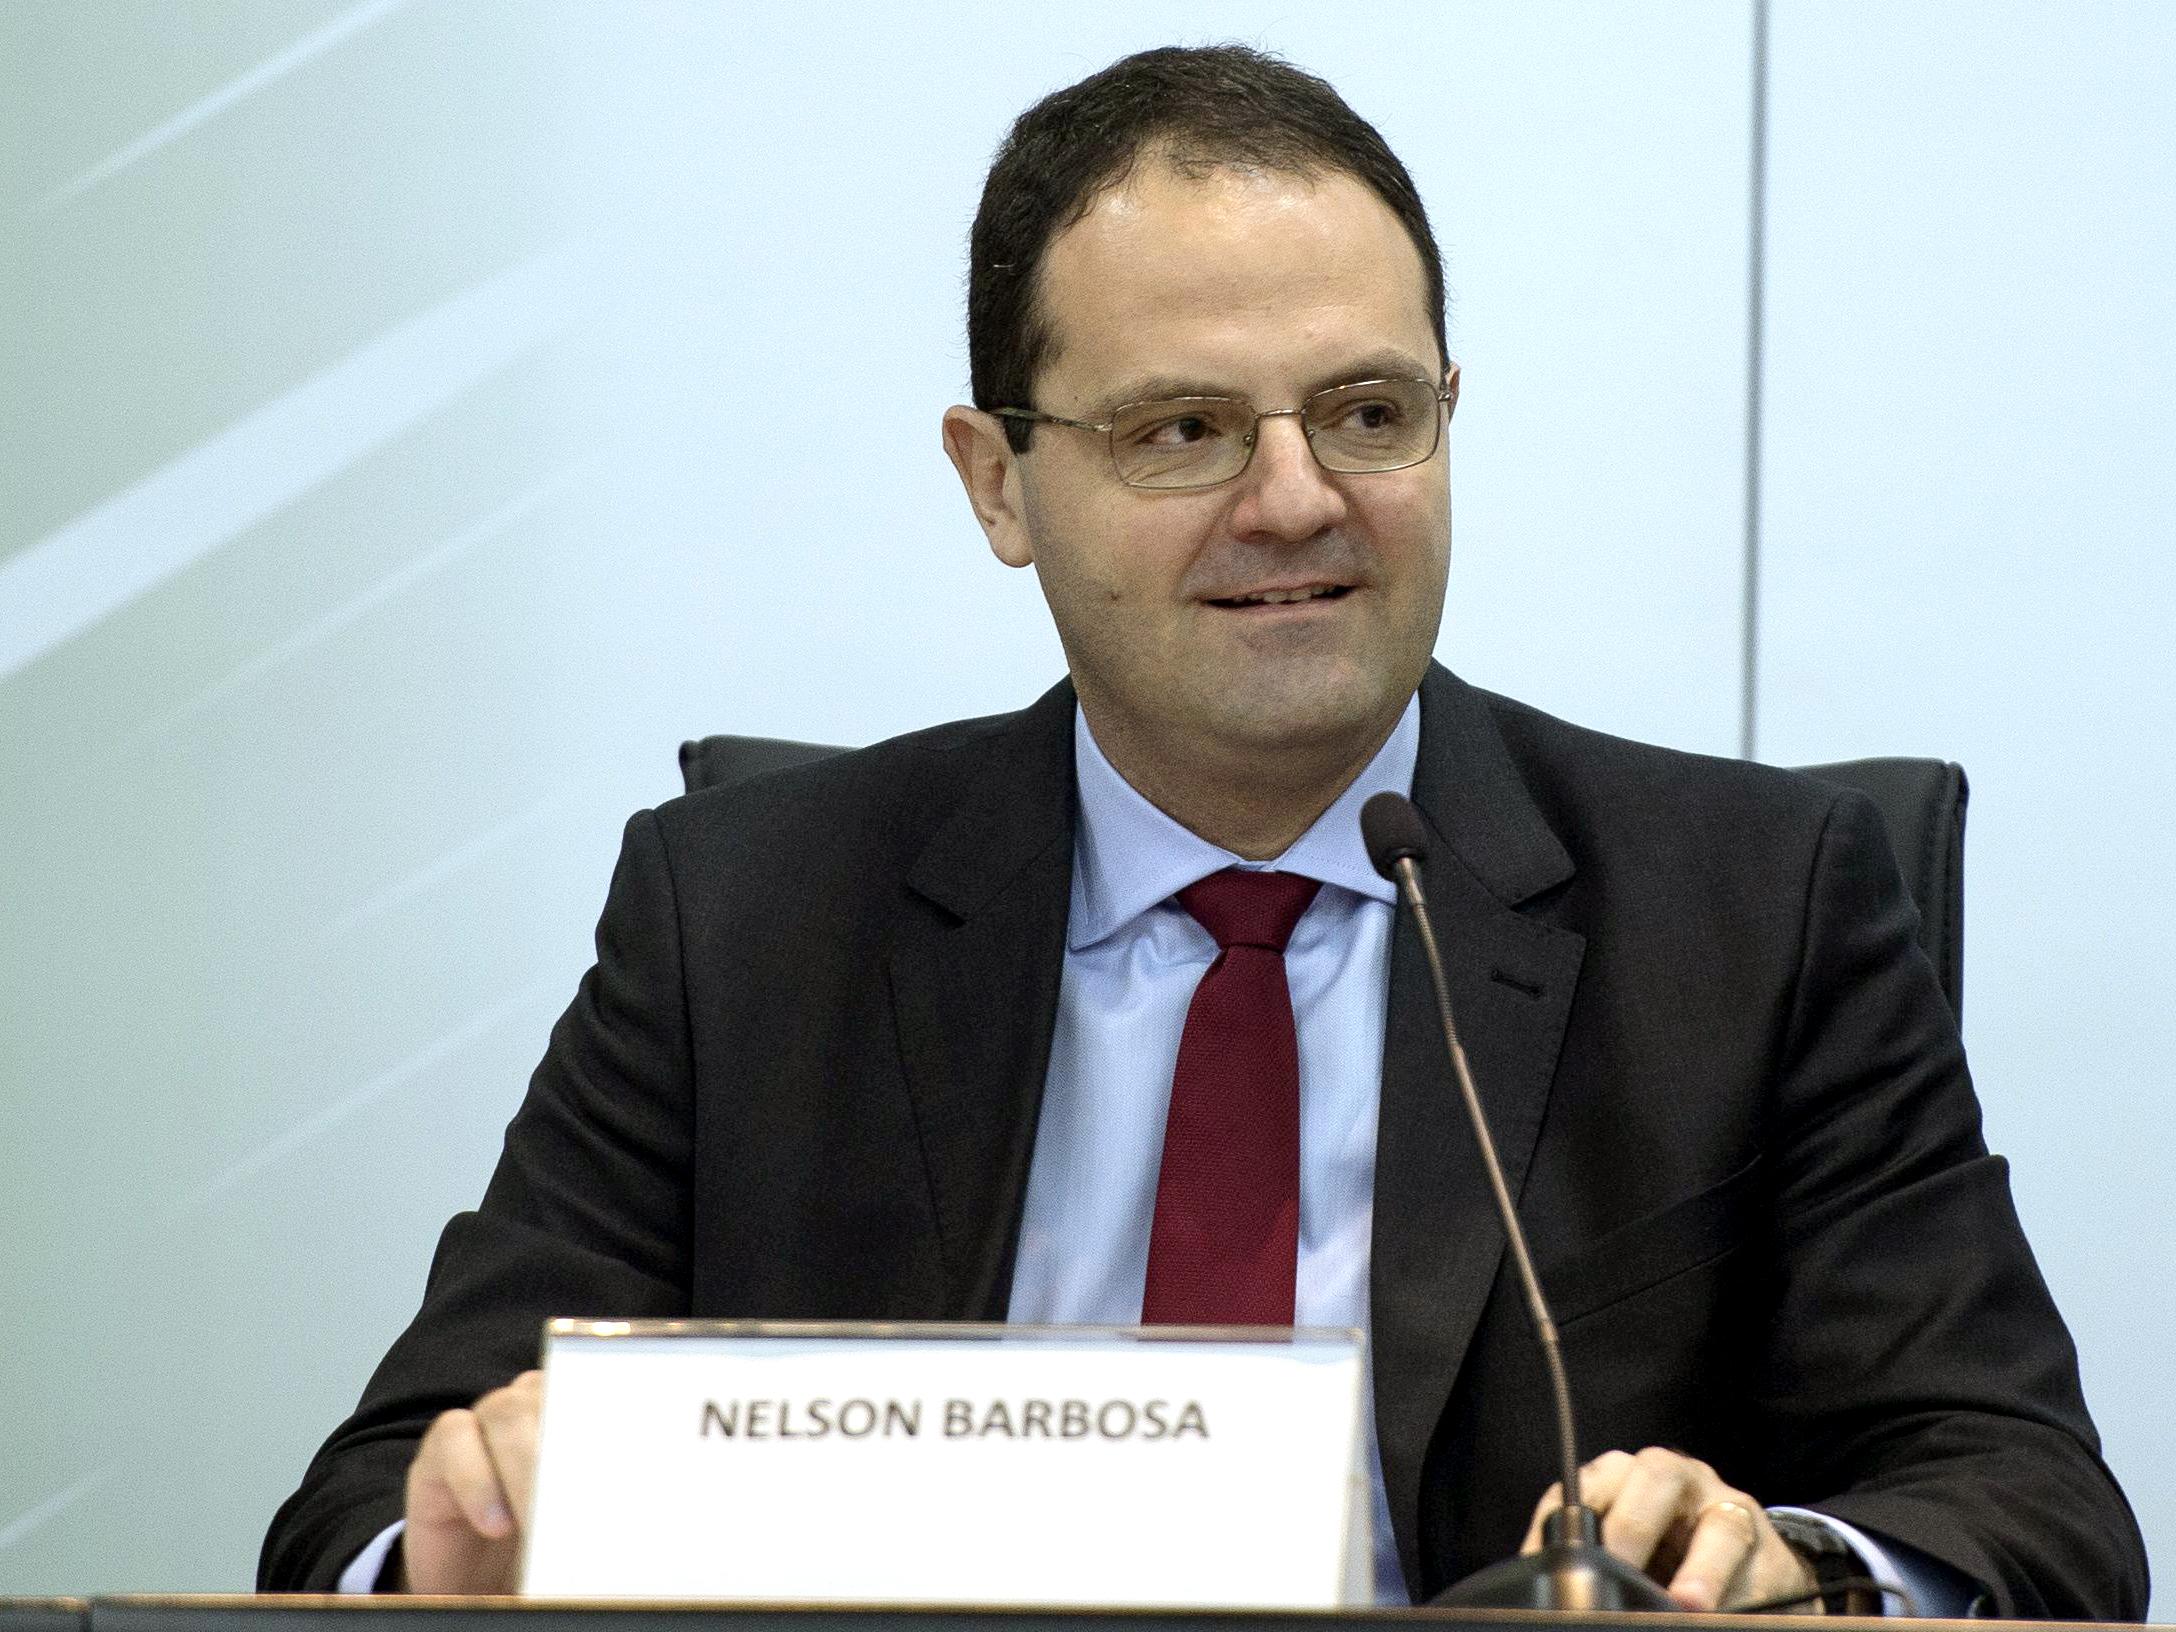 Nelson Barbosa assume o Ministério do Planejamento, Orçamento e Gestão. Foto:Marcelo Camargo / Agência Brasil